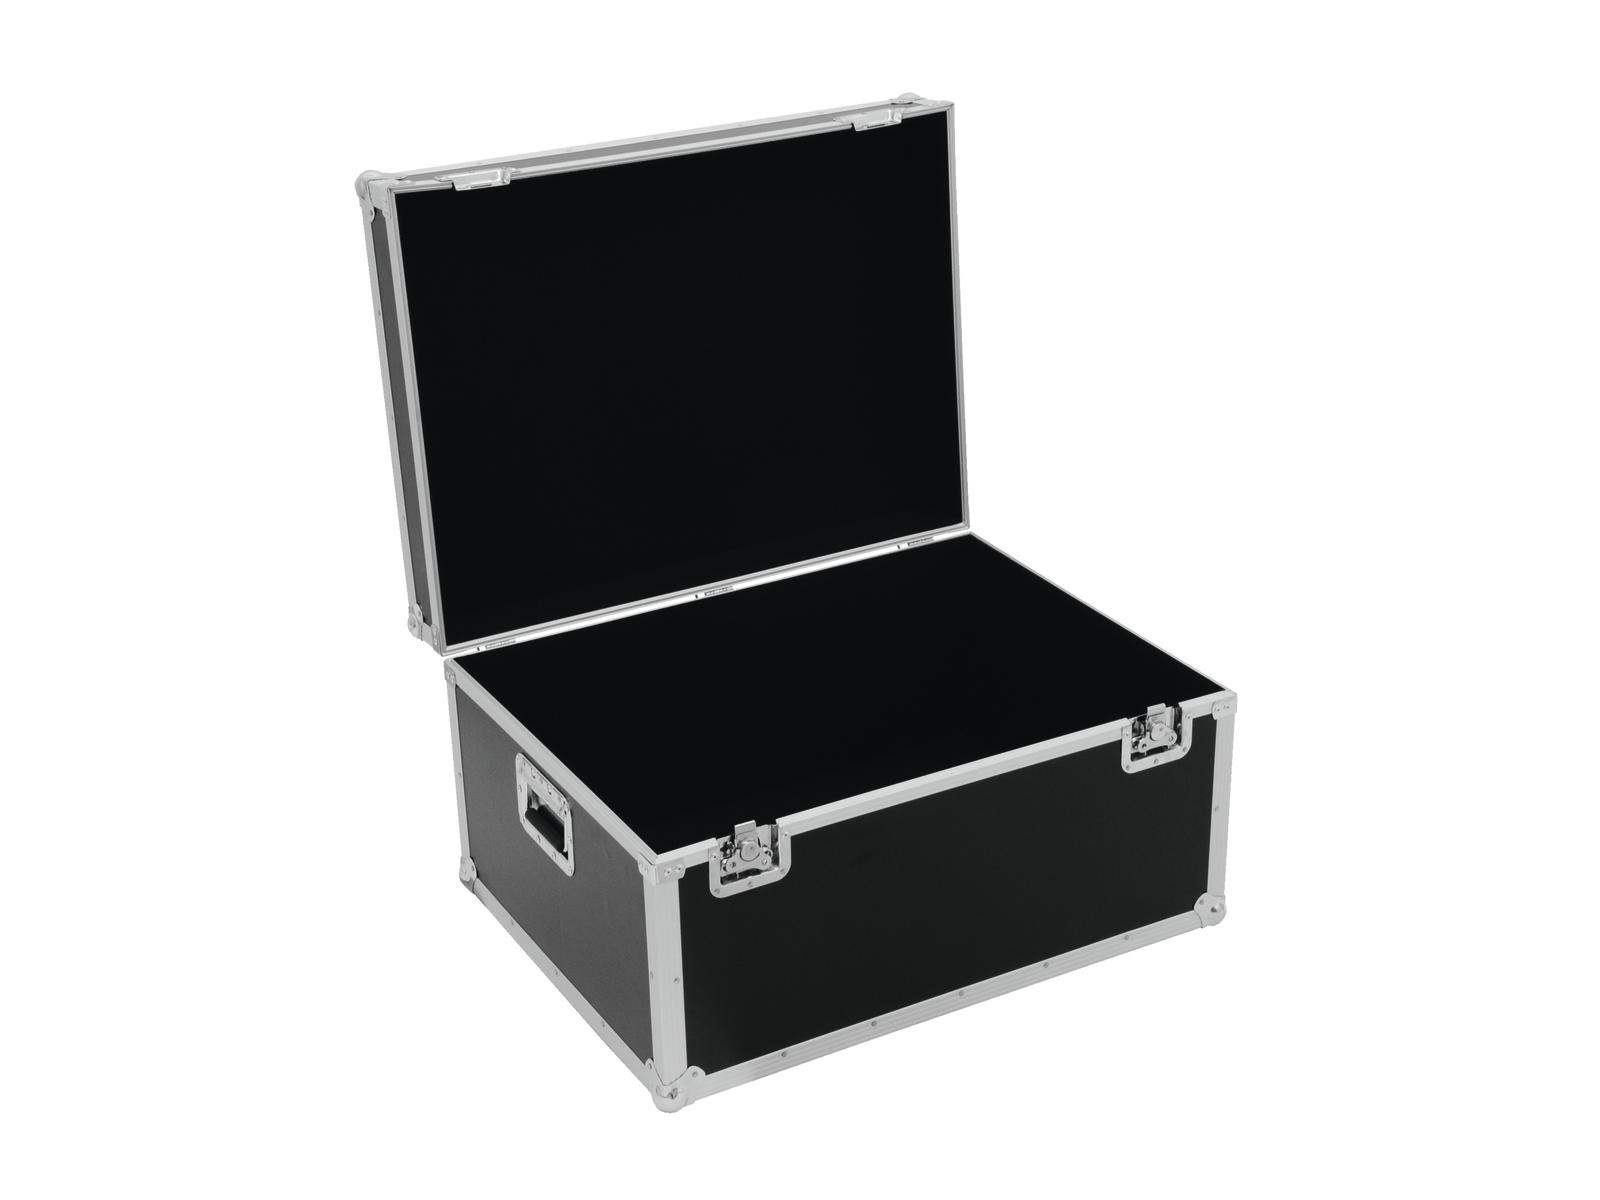 Univerzální transportní Case, 800 x 600 x 430 mm, 7 mm